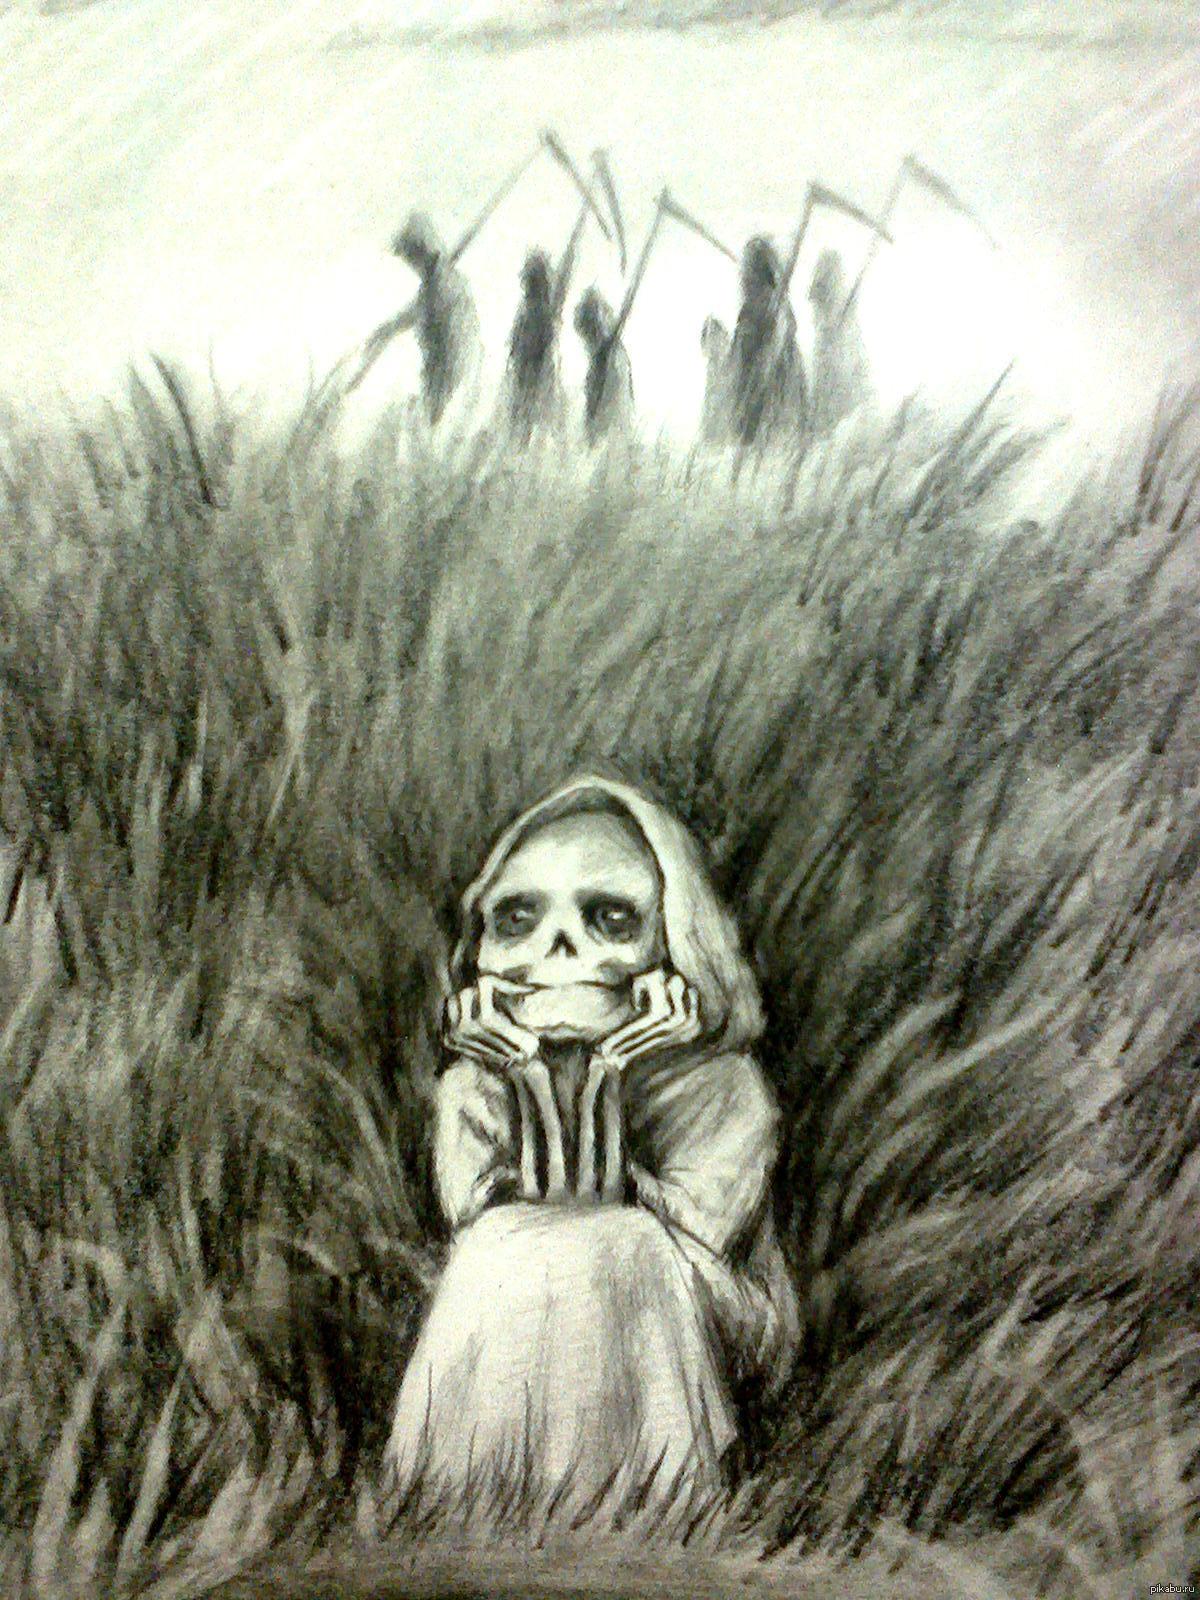 Картинки будни маленькой смерти, открыток скрапбукинга